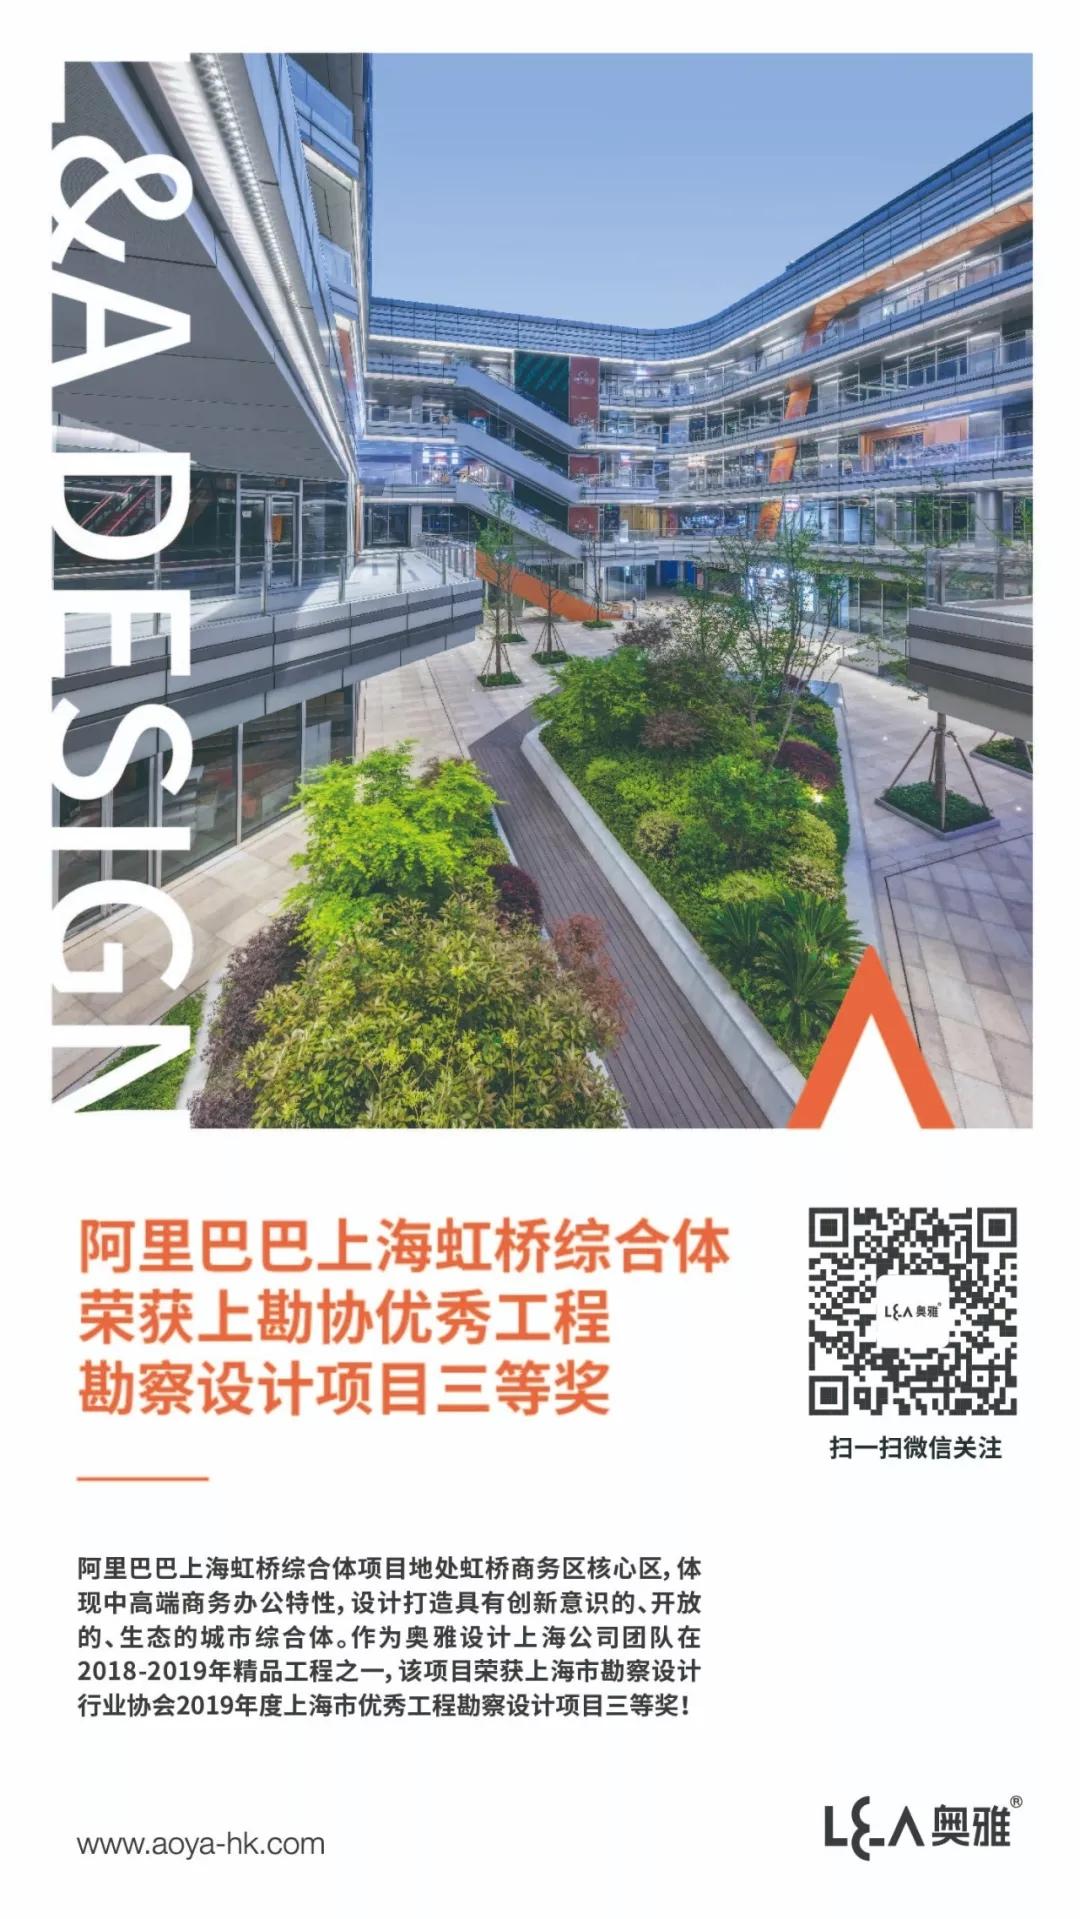 阿里巴巴上海虹桥综合体荣获2019年度上海市优秀工程勘察设计项目